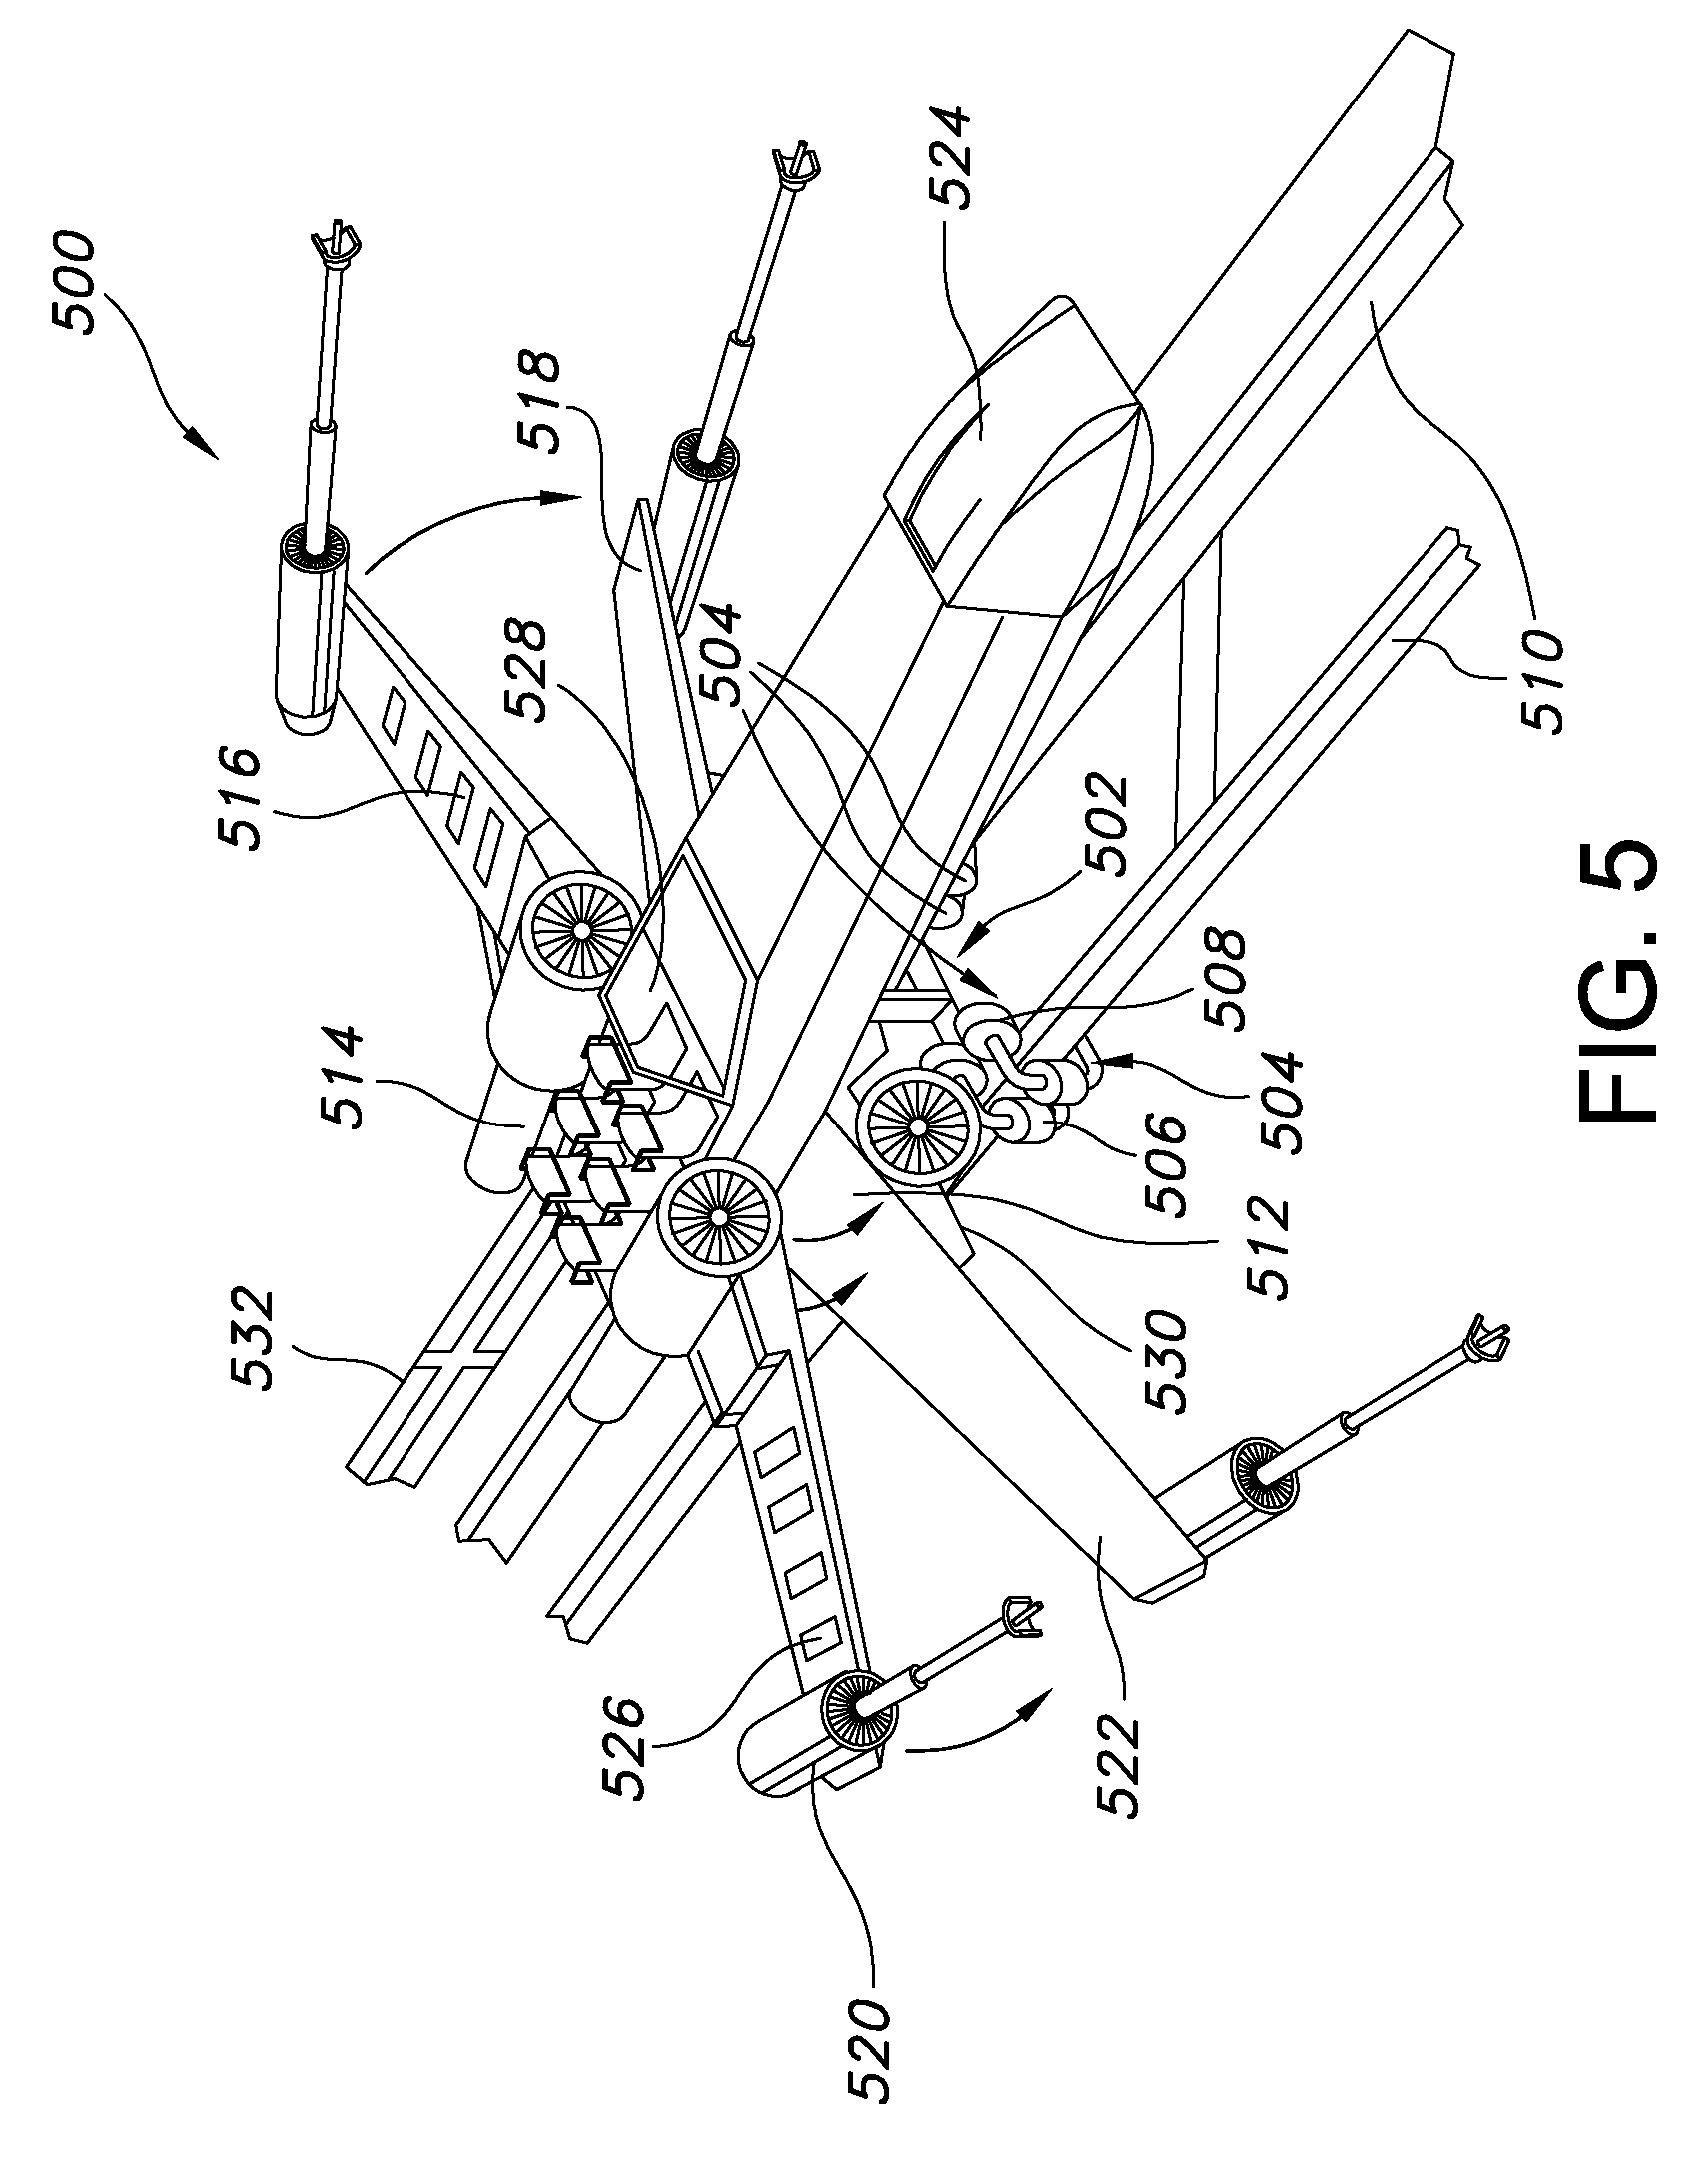 Pin Roller Diagram